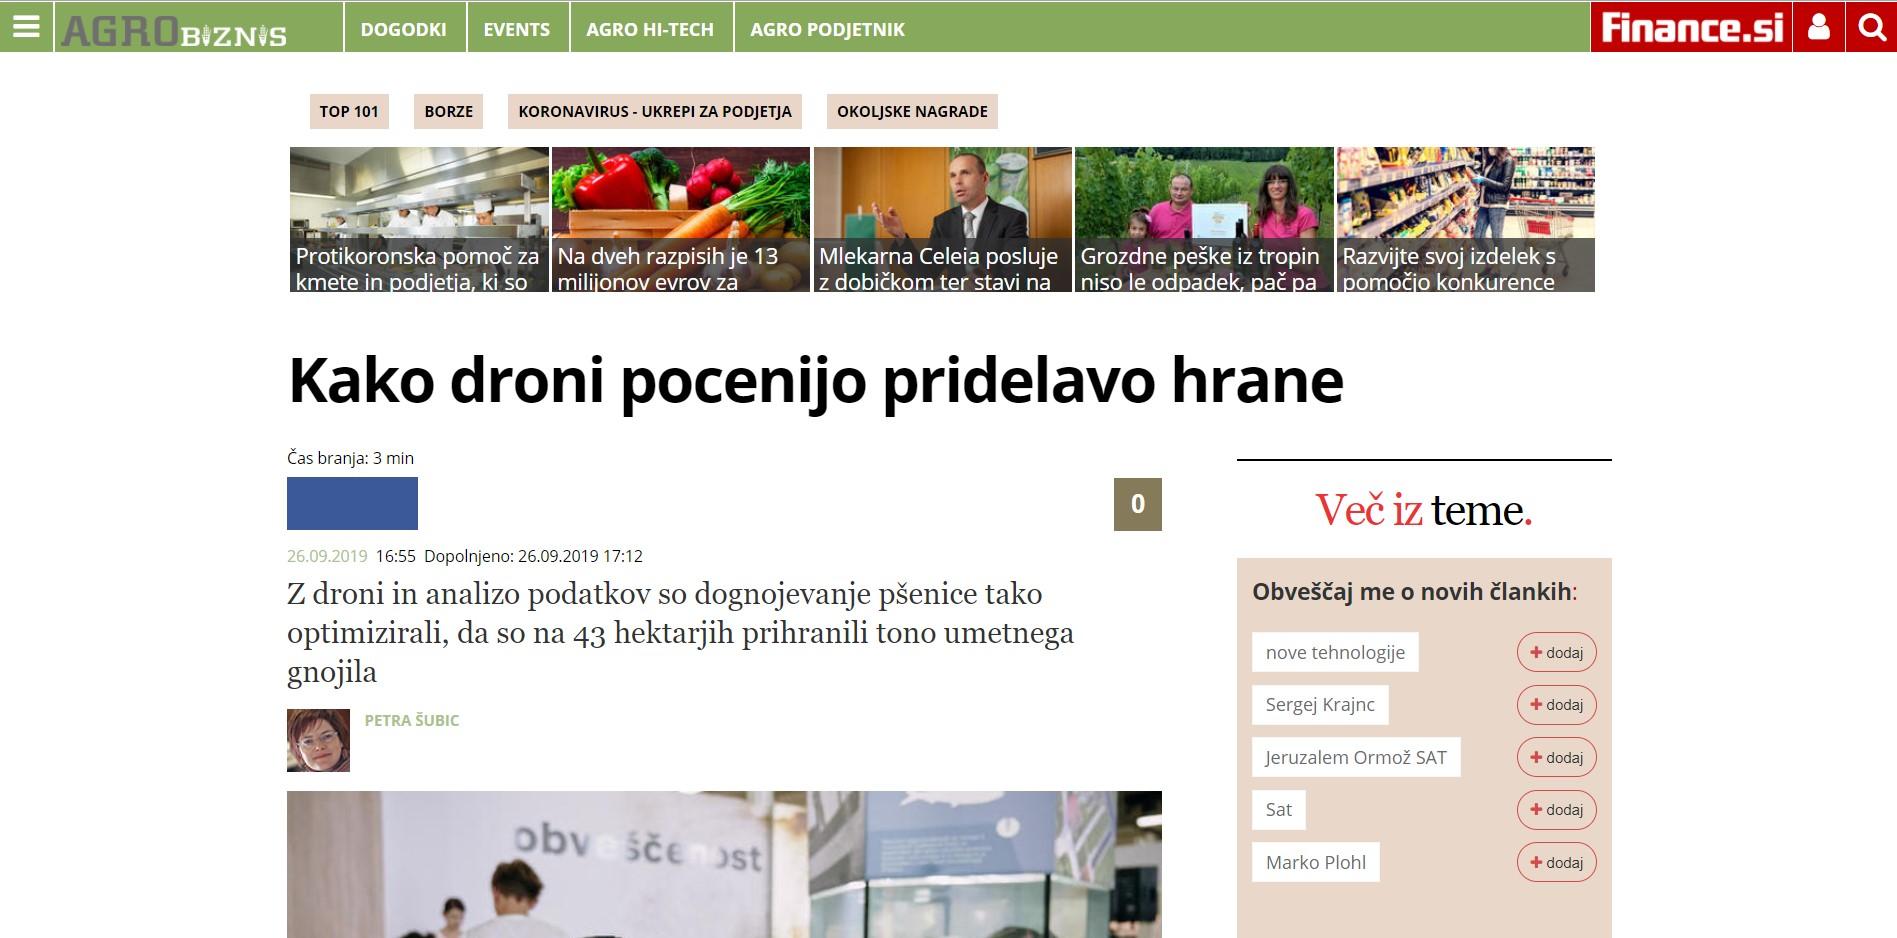 Termodron - In Media - Kako droni pocenijo pridelavo hrane